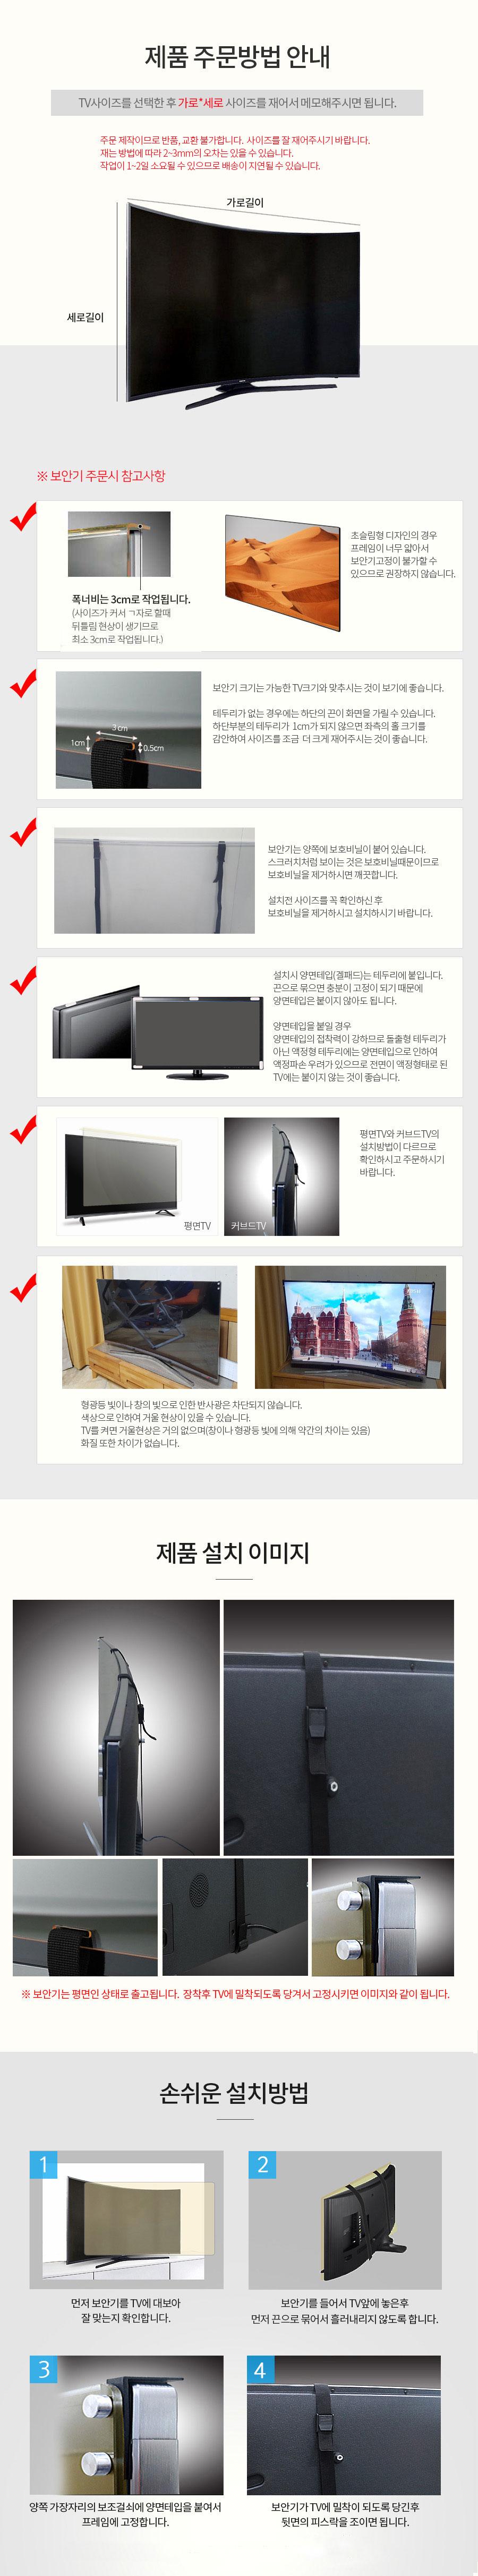 P_TV_BC_4.jpg